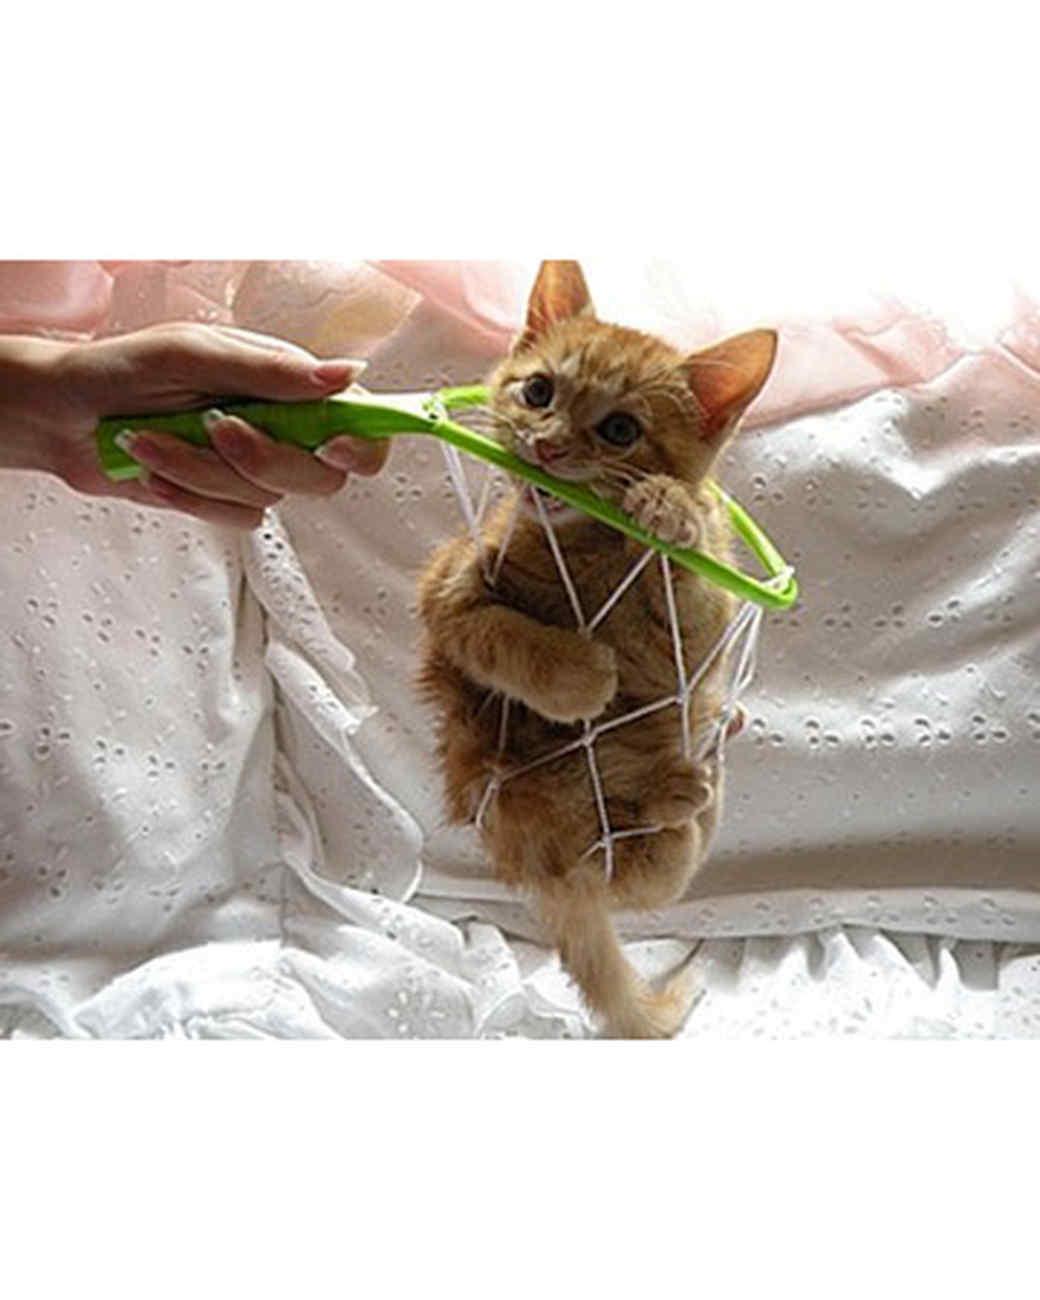 pets_kittens_0710_9781026_11976447.jpg